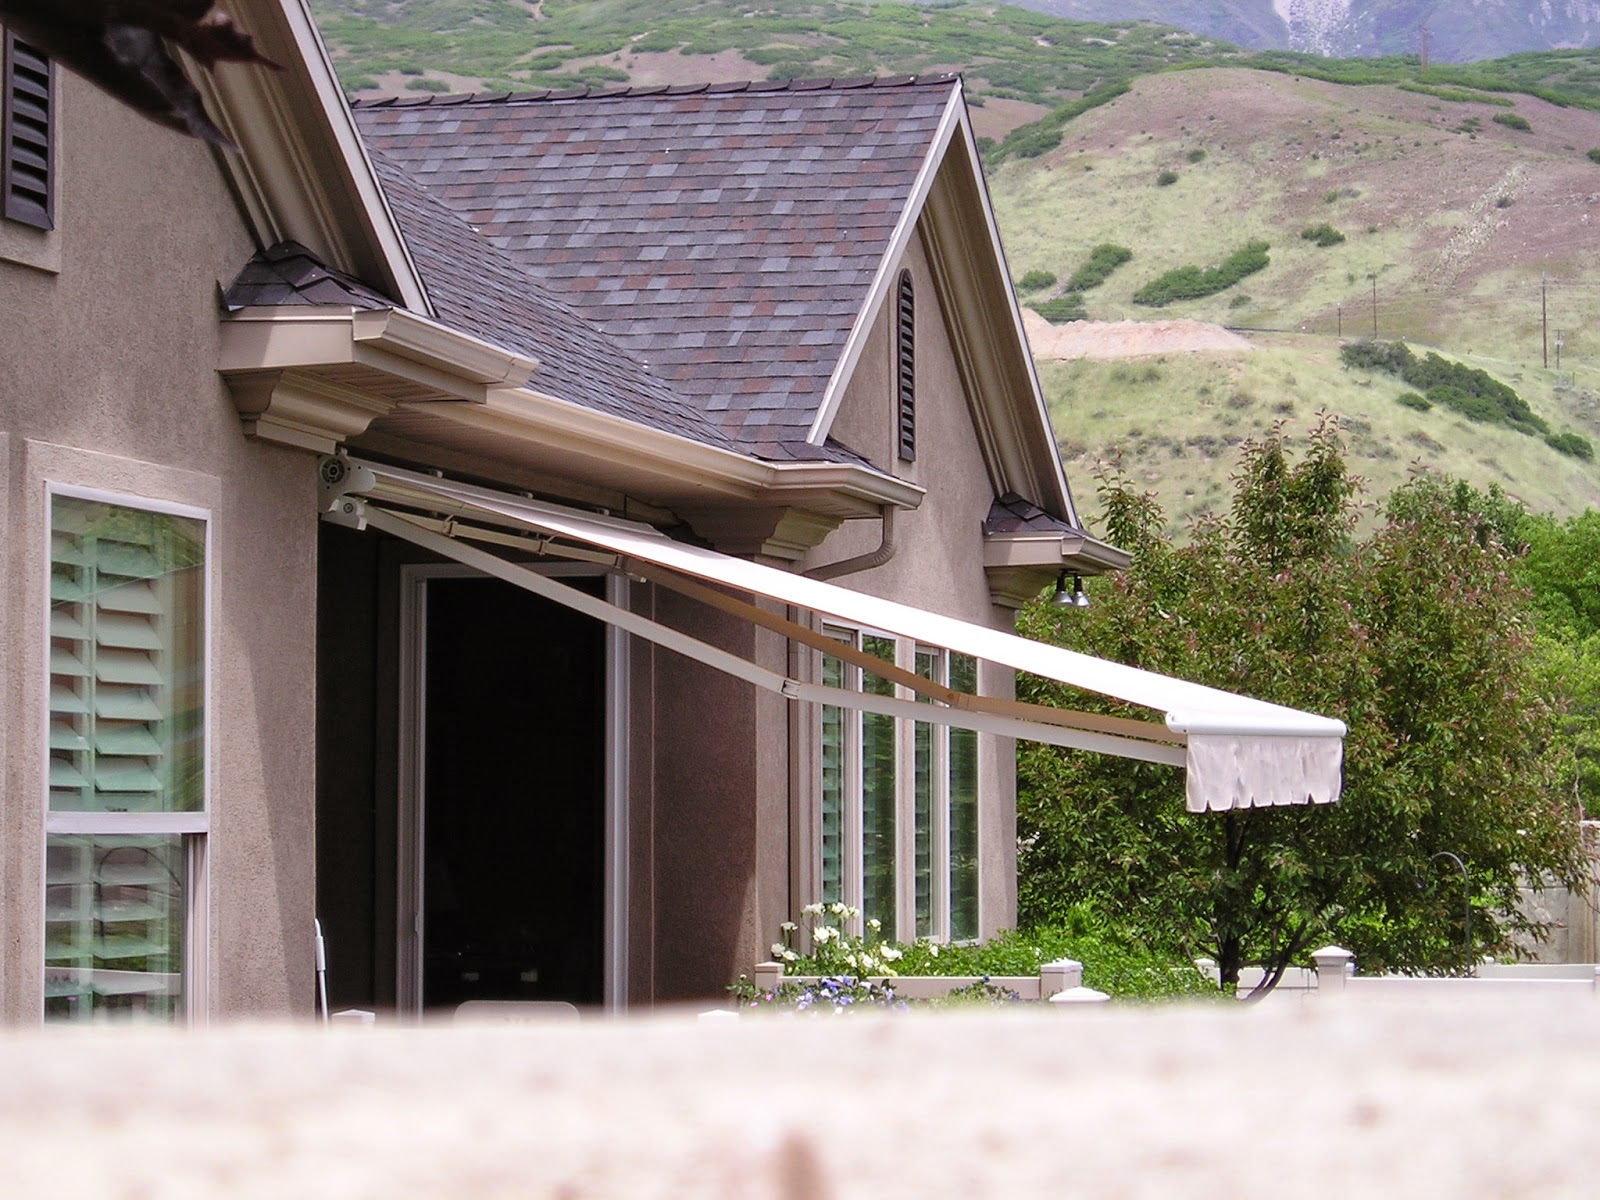 Huish S Awnings Pergolas More In Utah Custom Retractable